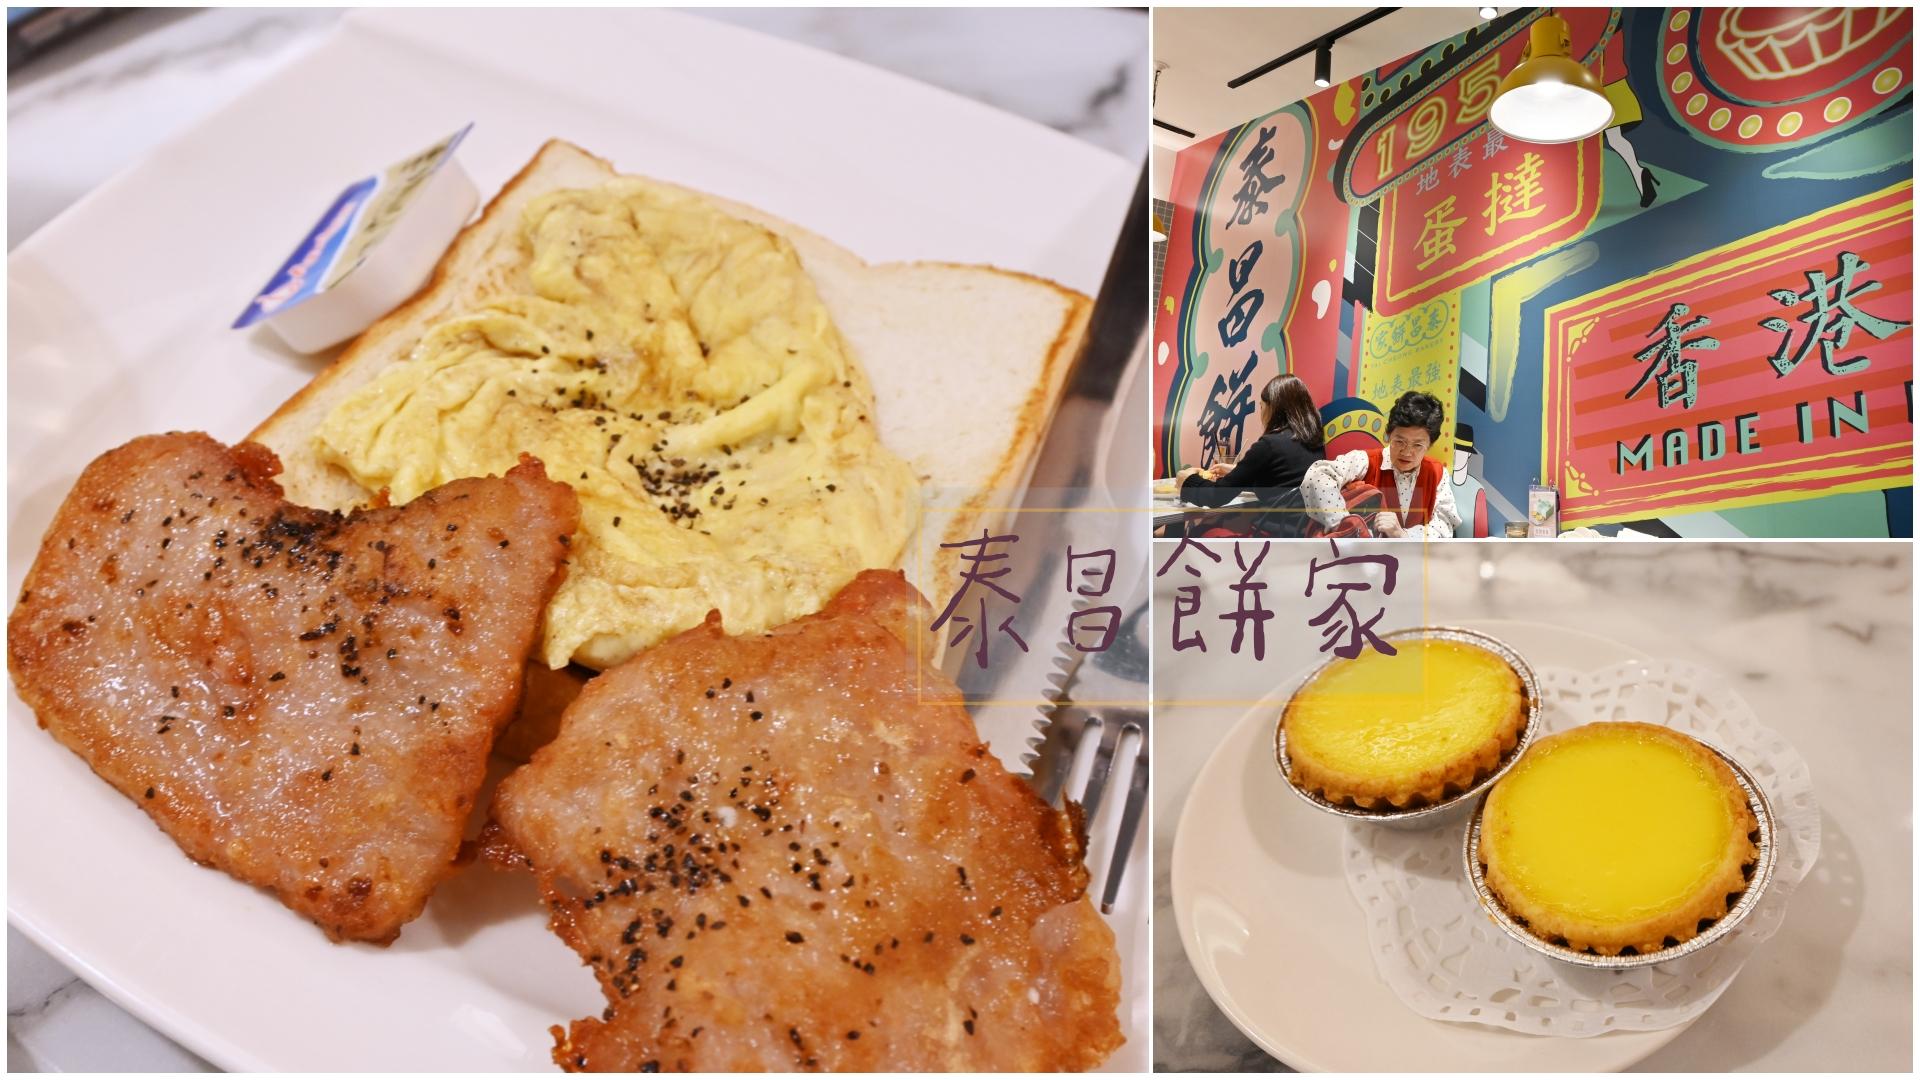 來自香港的泰昌餅家,在台北也能吃到超美味的蛋塔-統一時代百貨